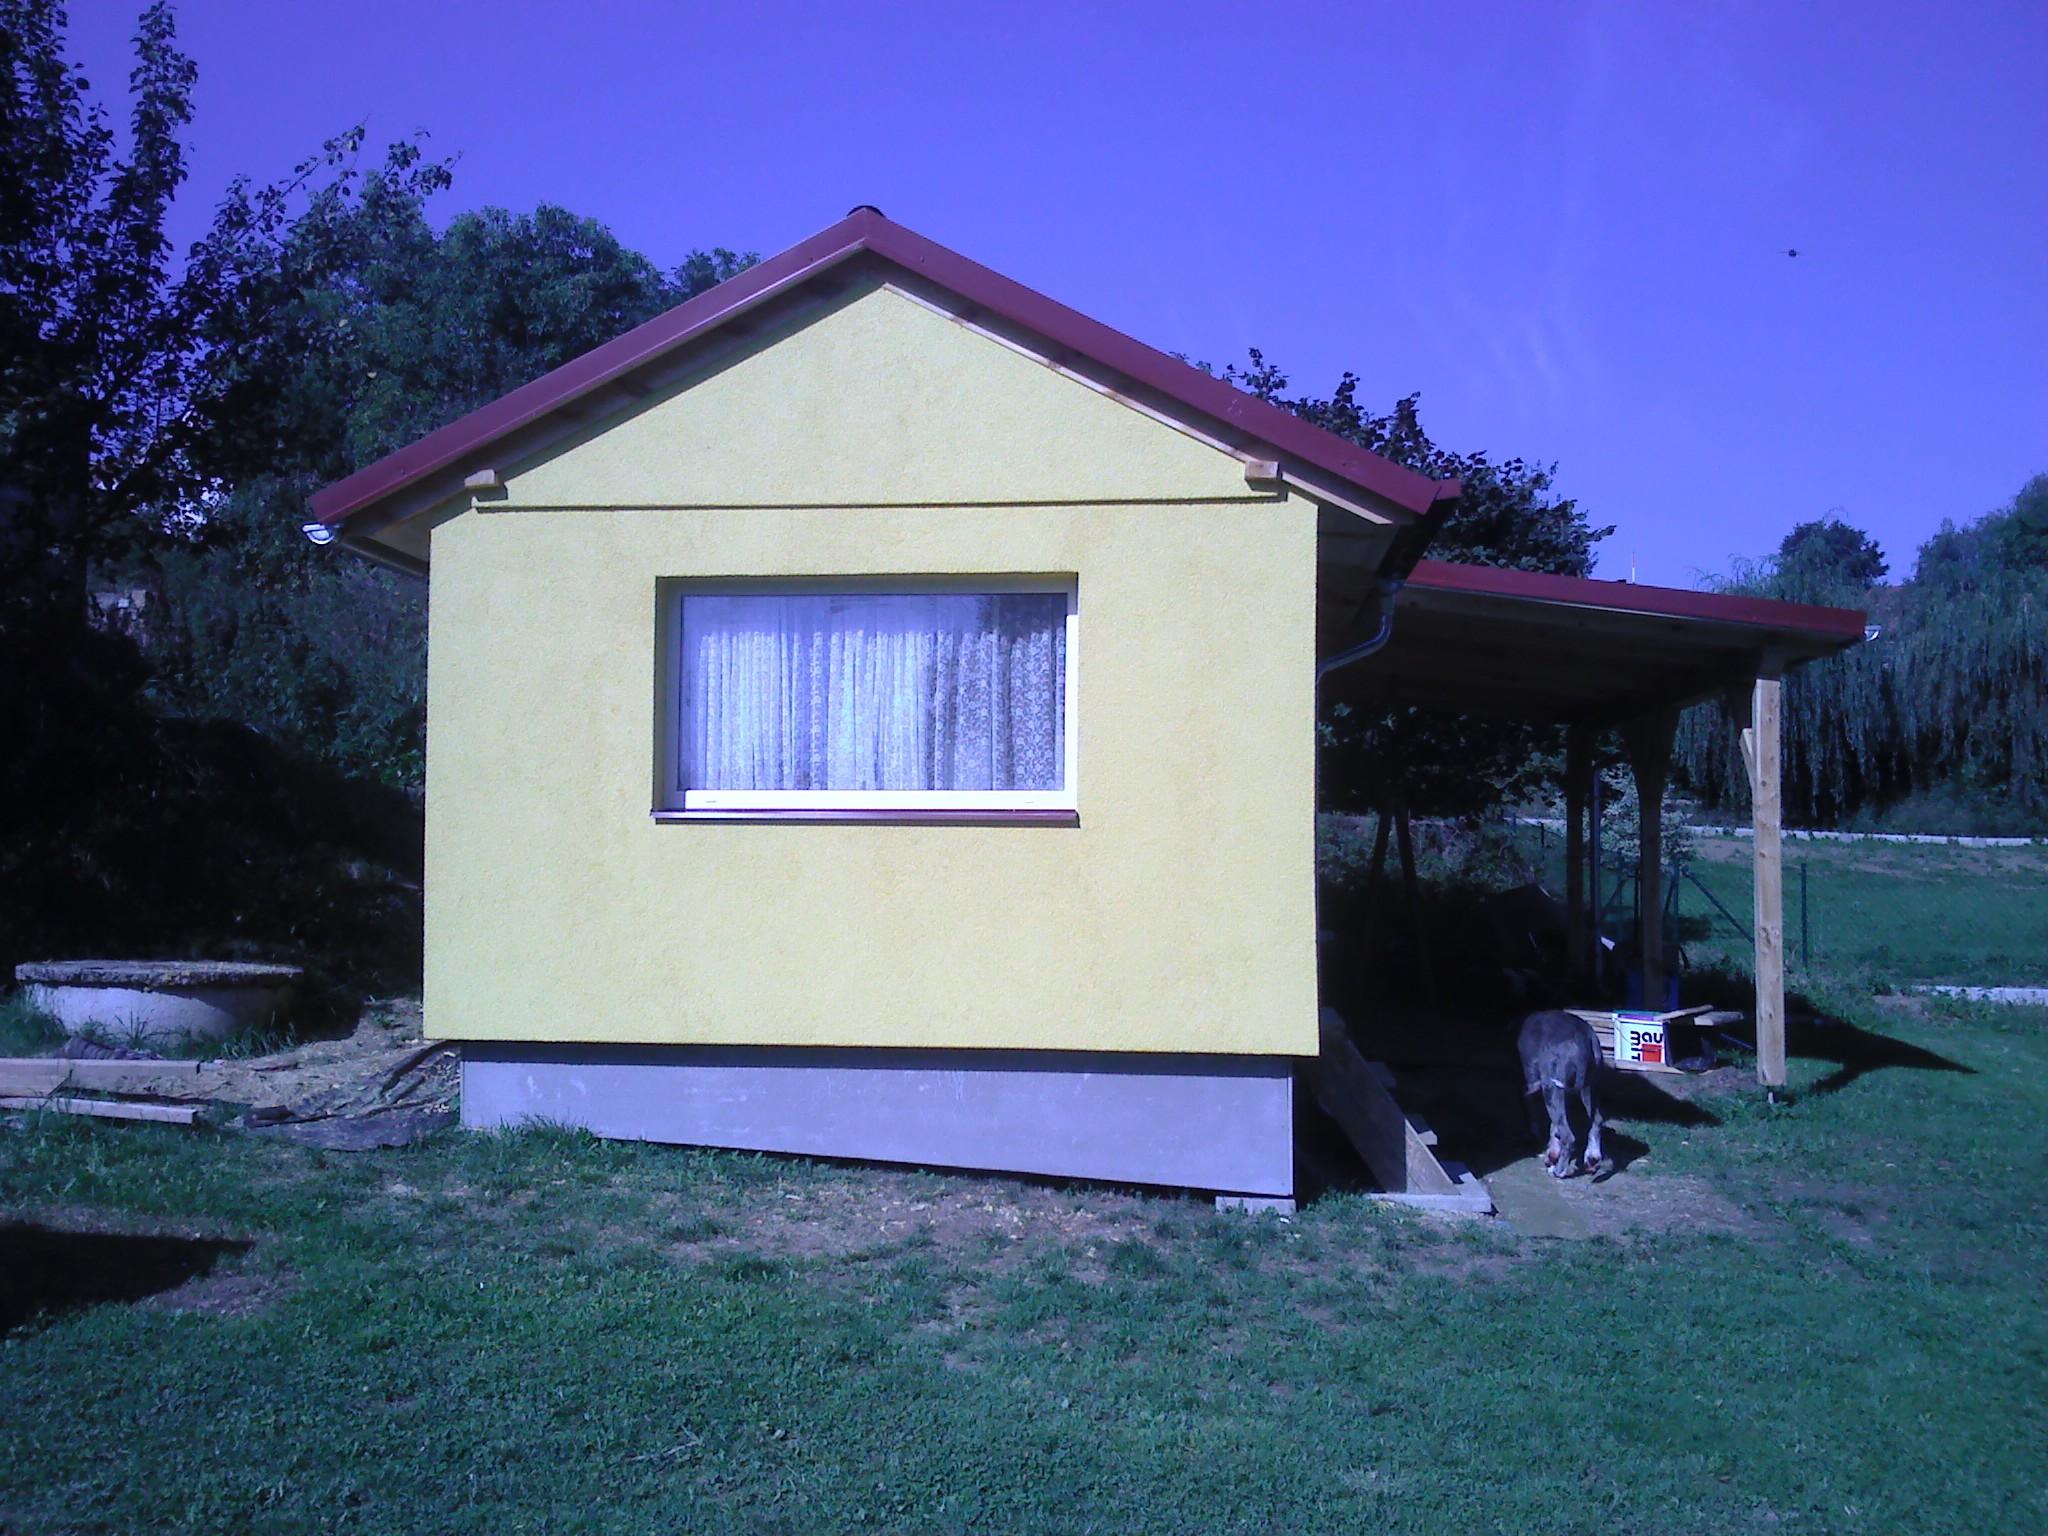 mobilní domy (mobilheimy) celoroční zateplené s vestavěnou pergolou